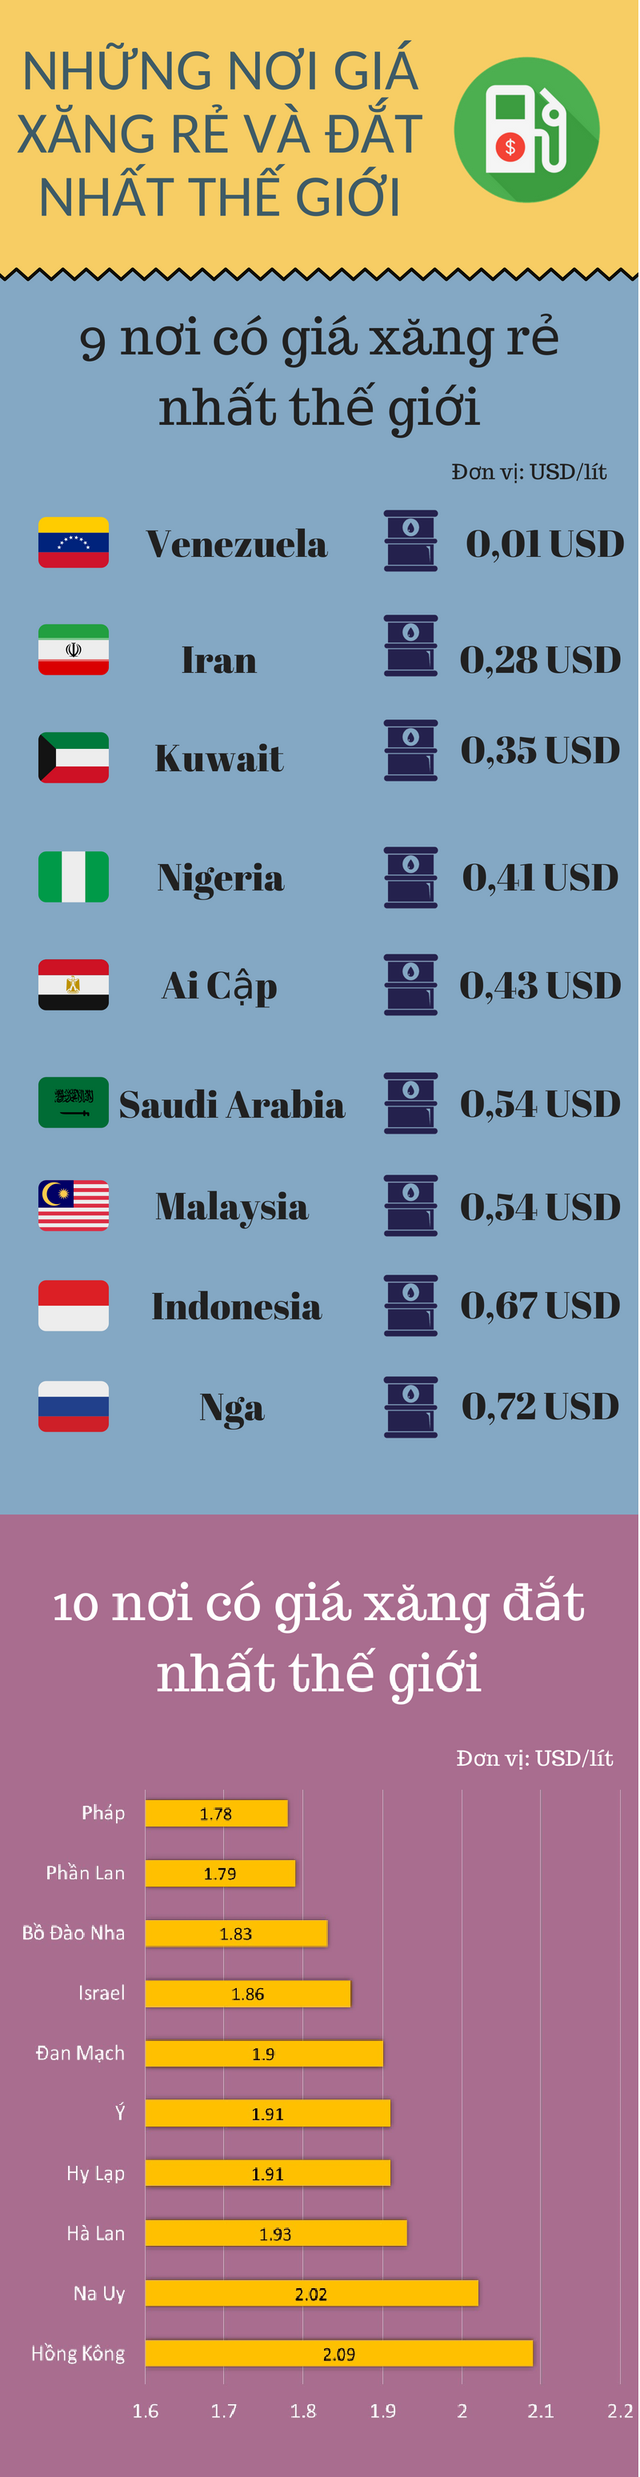 Mua xăng ở đâu rẻ nhất thế giới? - Ảnh 1.